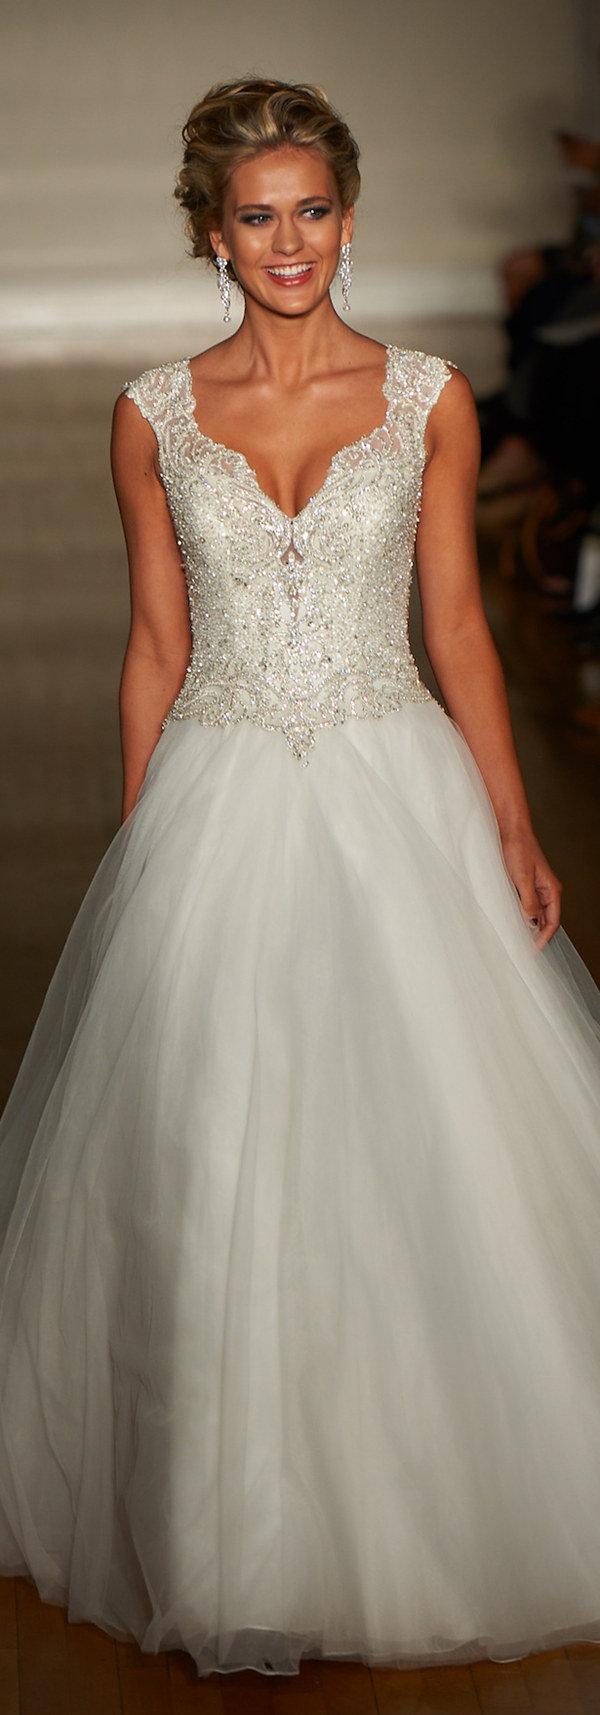 elegant v neck wedding dresses with sequins for 2017